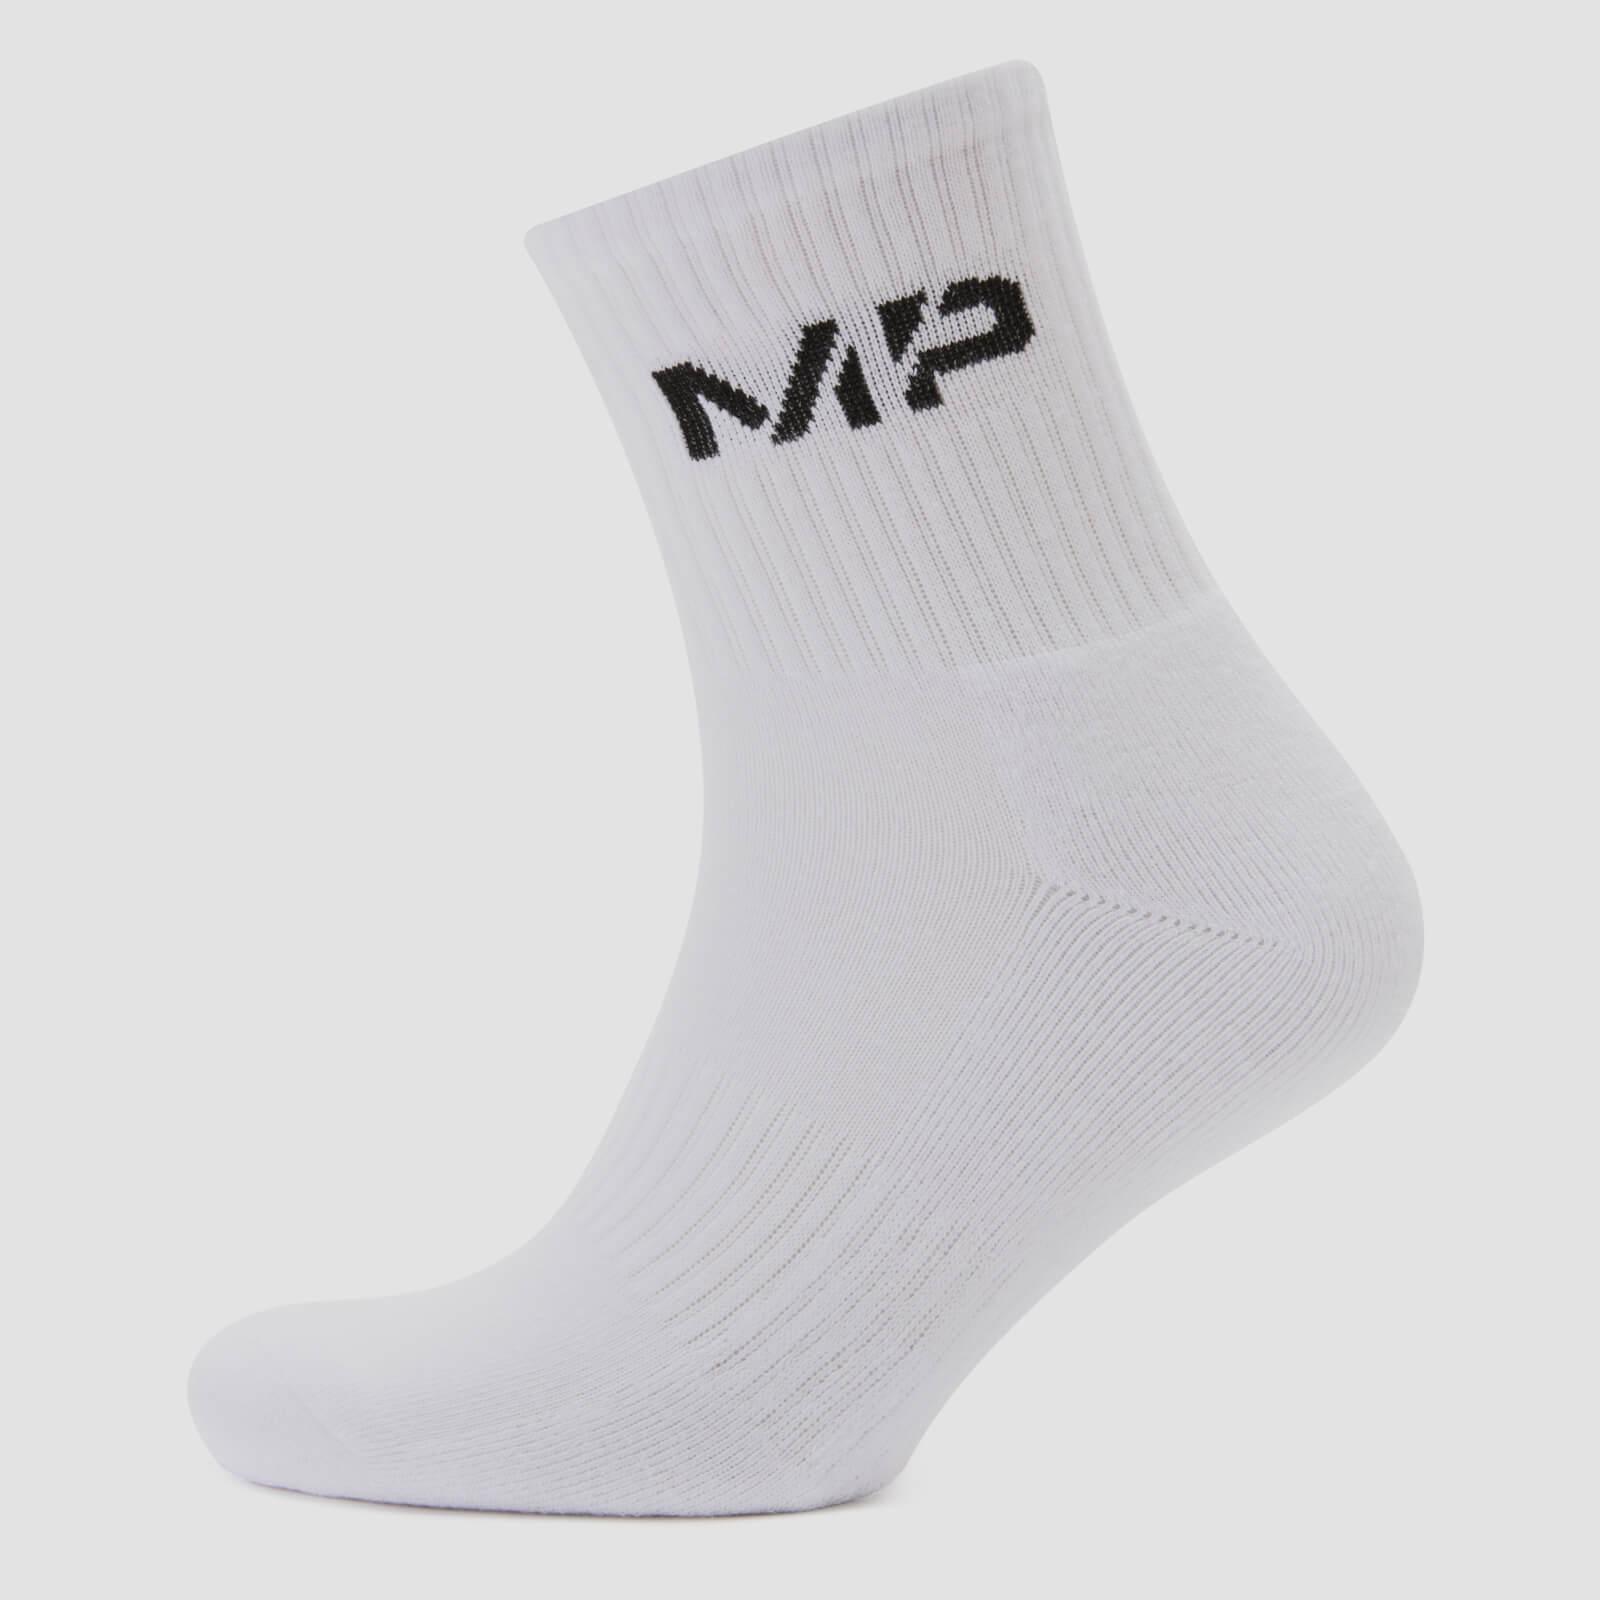 Myprotein MP Men's Core Crew Socks (2 Pack) - White - UK 9-12